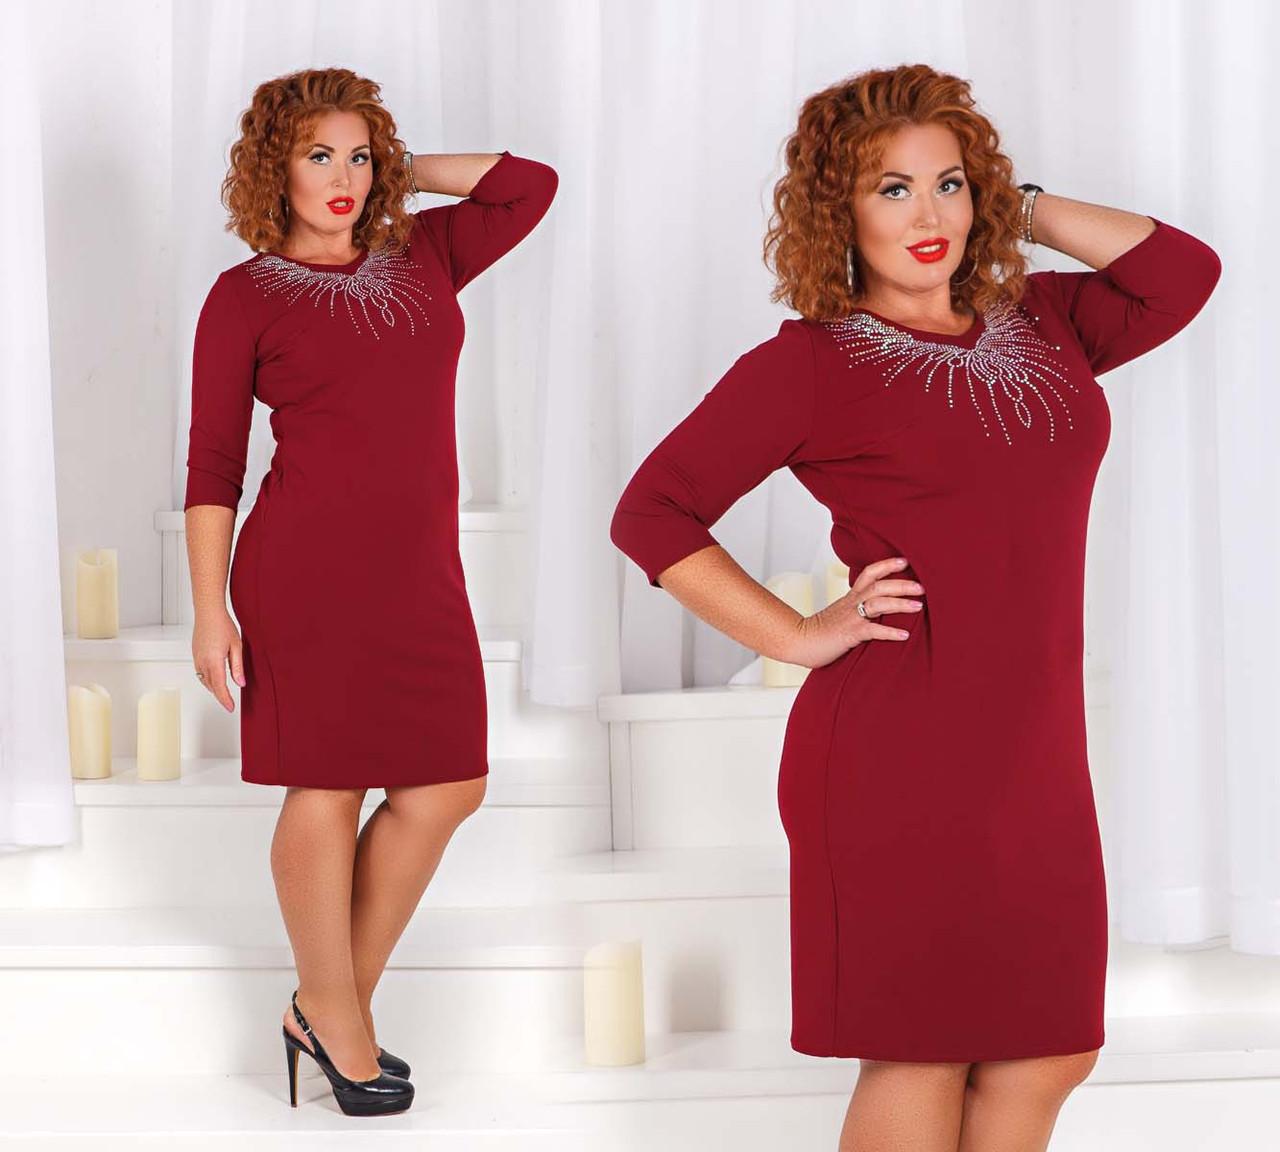 """Элегантное женское платье в больших размерах """"Ожерелье Стразы"""" в расцветках (DG-д1281)"""